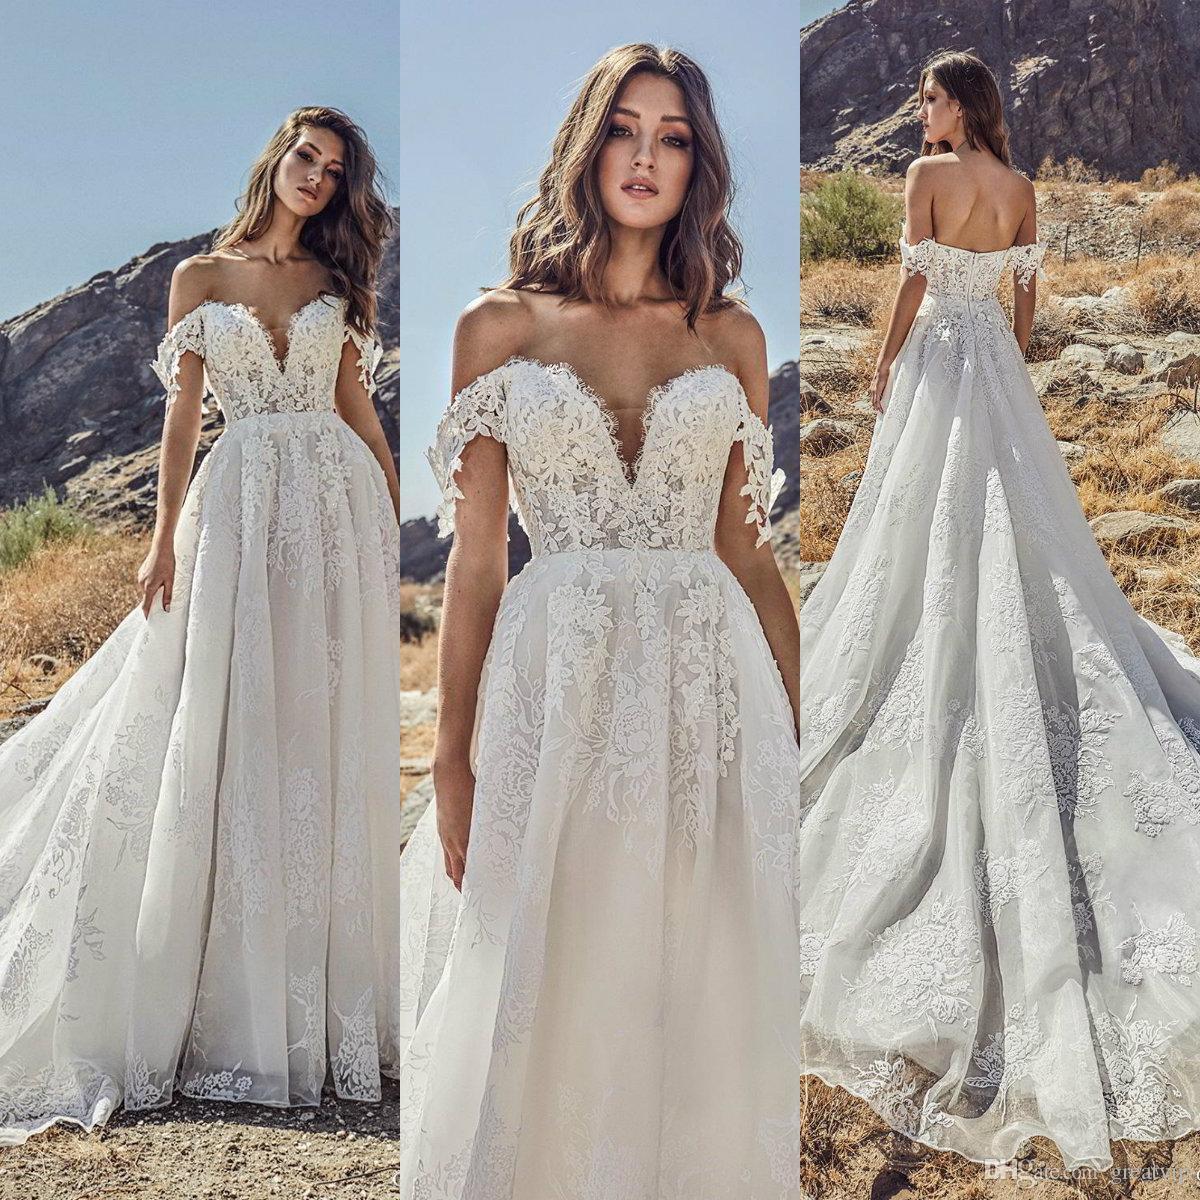 Julie Vino 2019 Beach Wedding Dresses Off Shoulder Lace Country Sweep Train Bridal Gowns Plus Size Bohemian Vestido De Novia